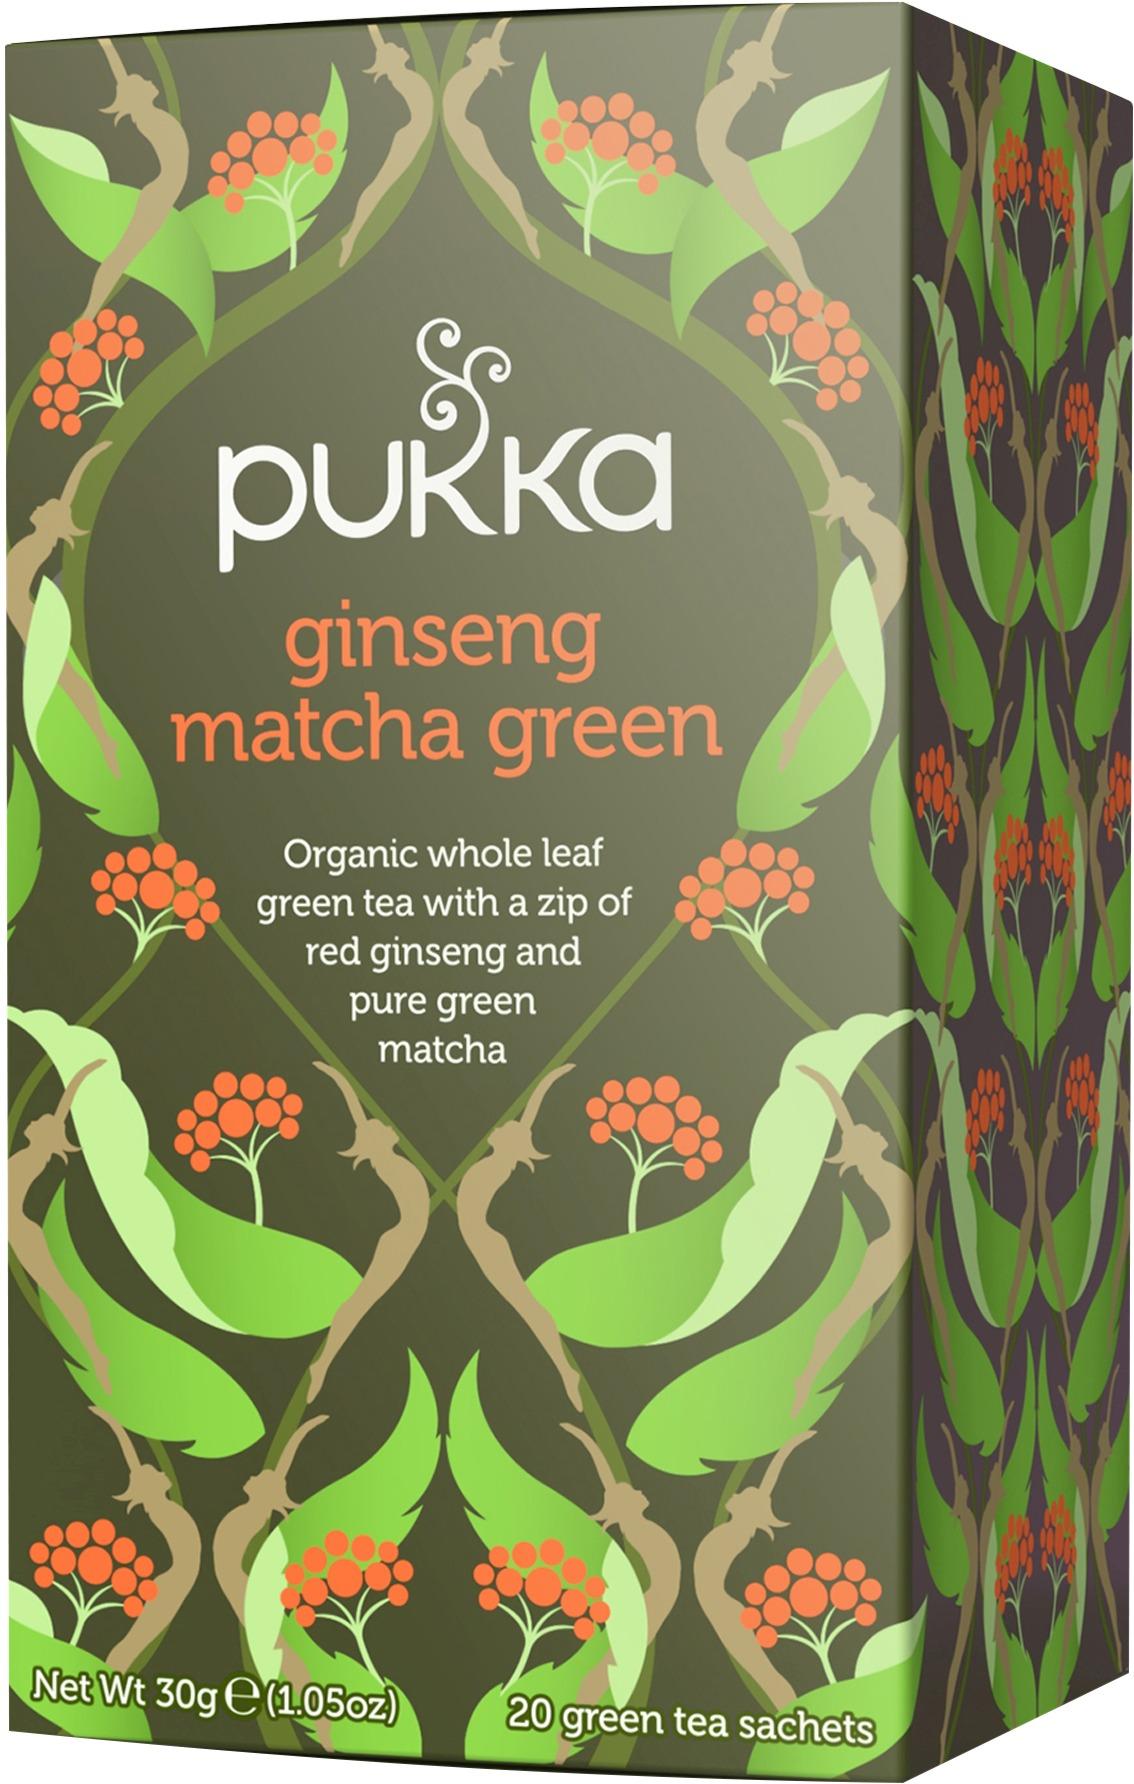 Pukka Organic Ginseng Matcha Green Tea Bags Crema